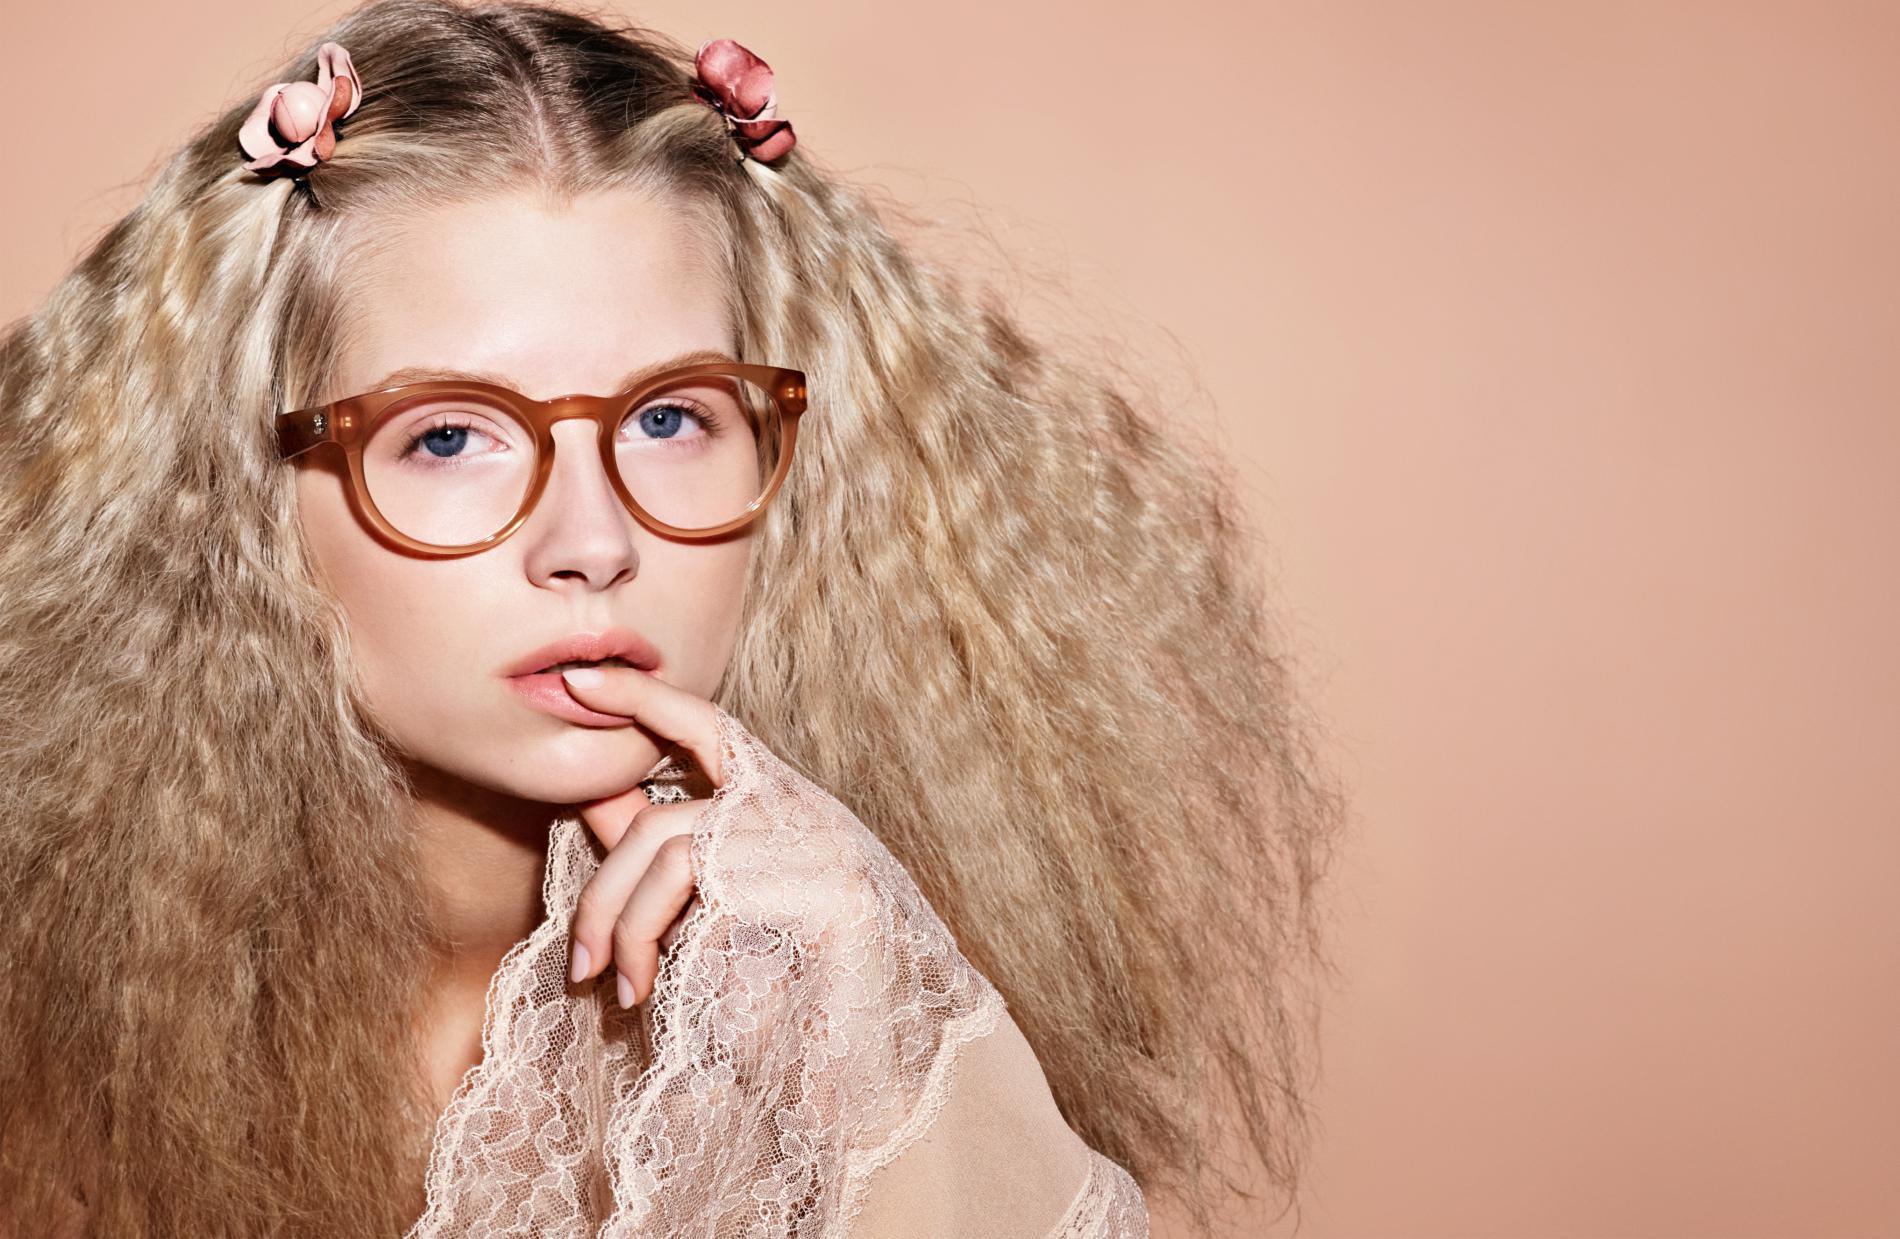 DP Chanel Les images de la campagne eyewear printemps-été 2017 de Chanel  avec Lottie Moss - lunettes de vue 16542b1e1a23